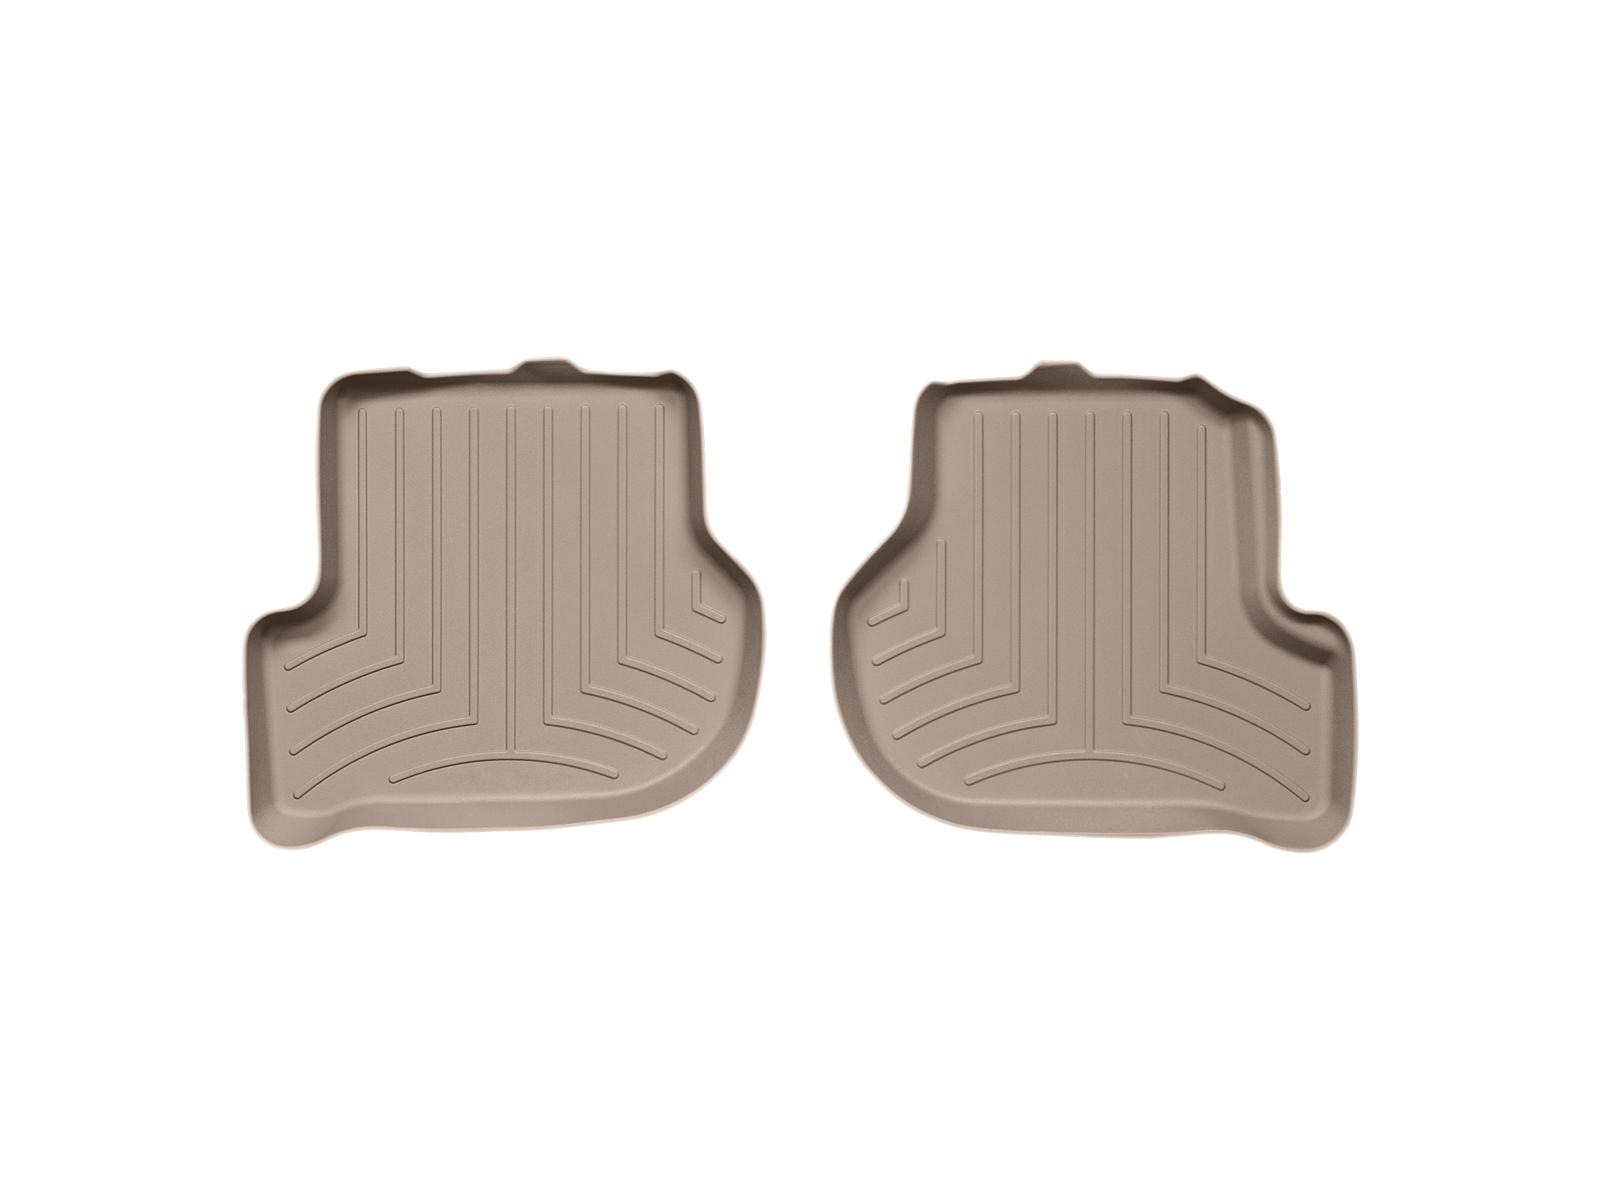 Tappeti gomma su misura bordo alto Volkswagen Scirocco 08>15 Marrone A4258*